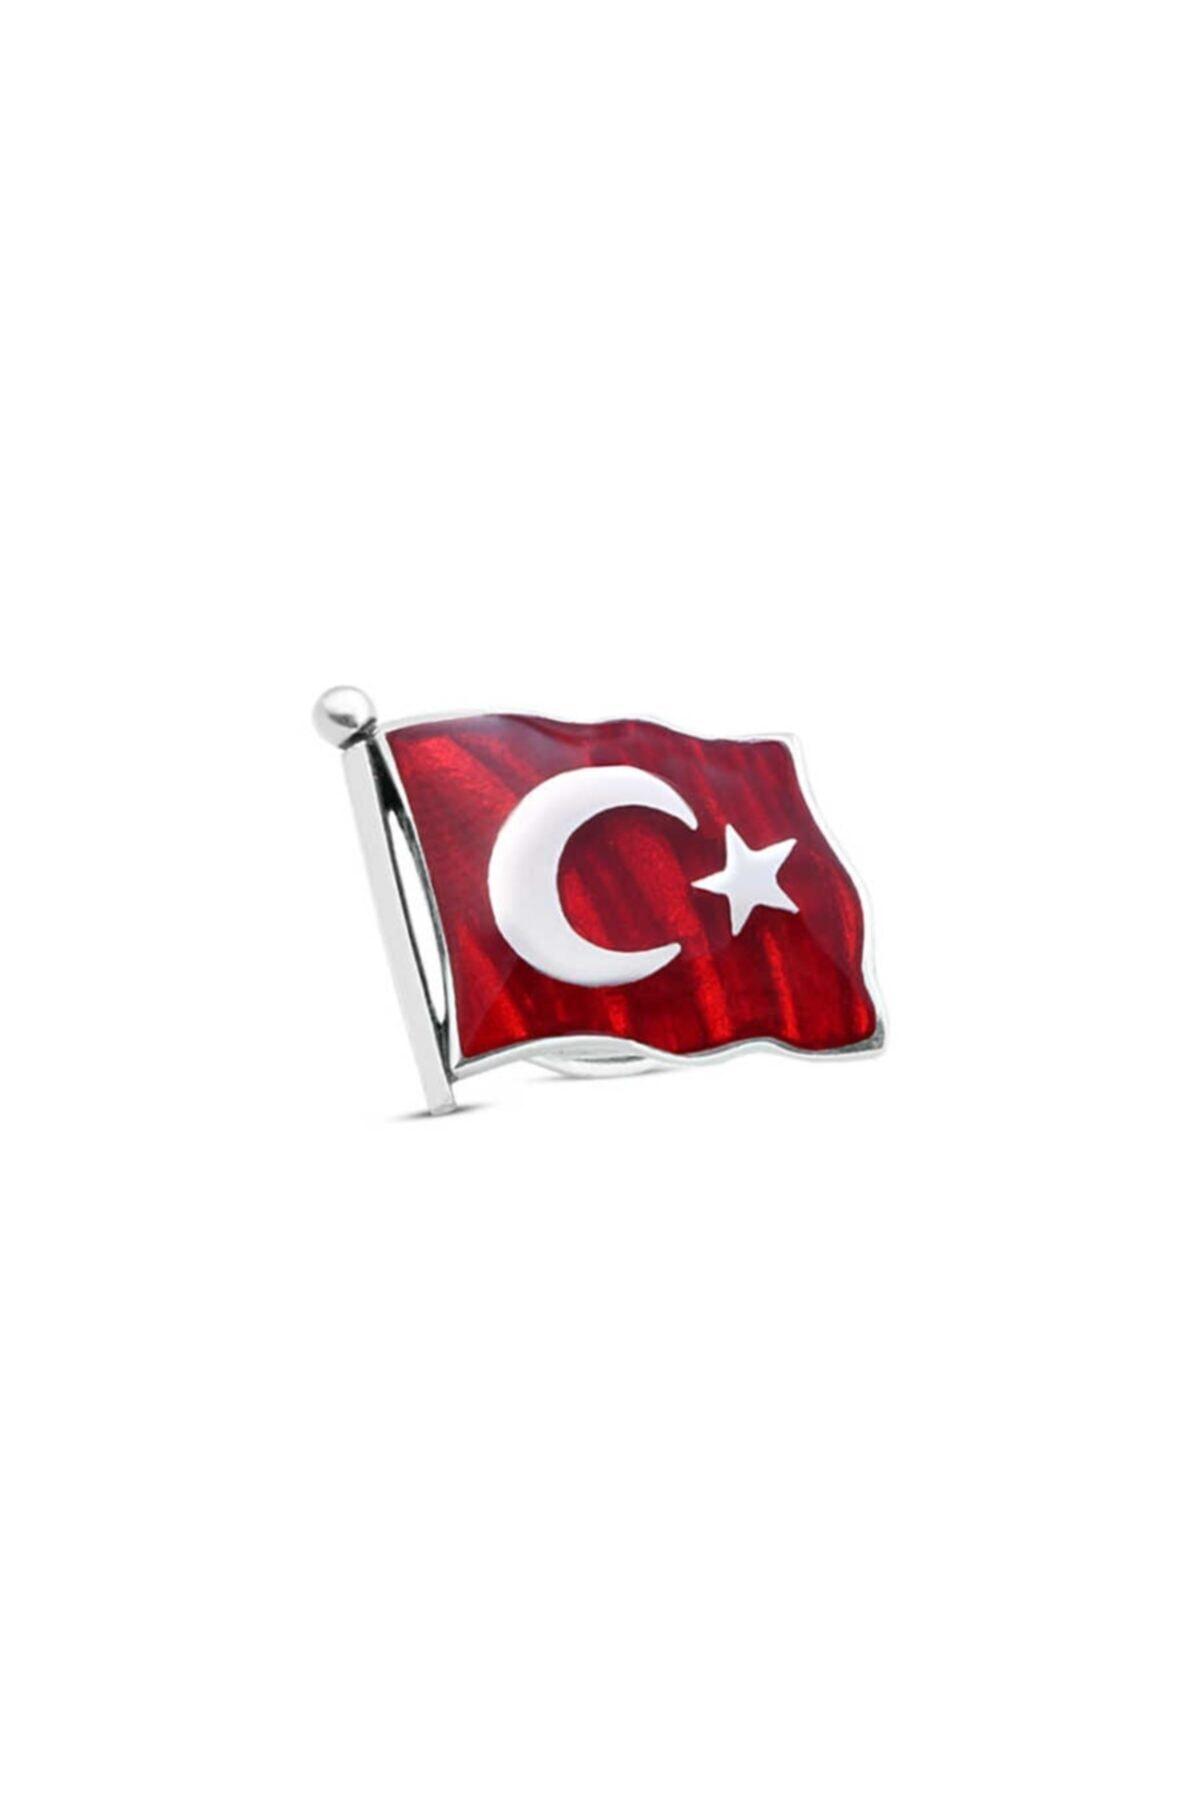 Silverplus Erkek Gümüş Mineli Türk Bayrağı Rozet KG4523 1